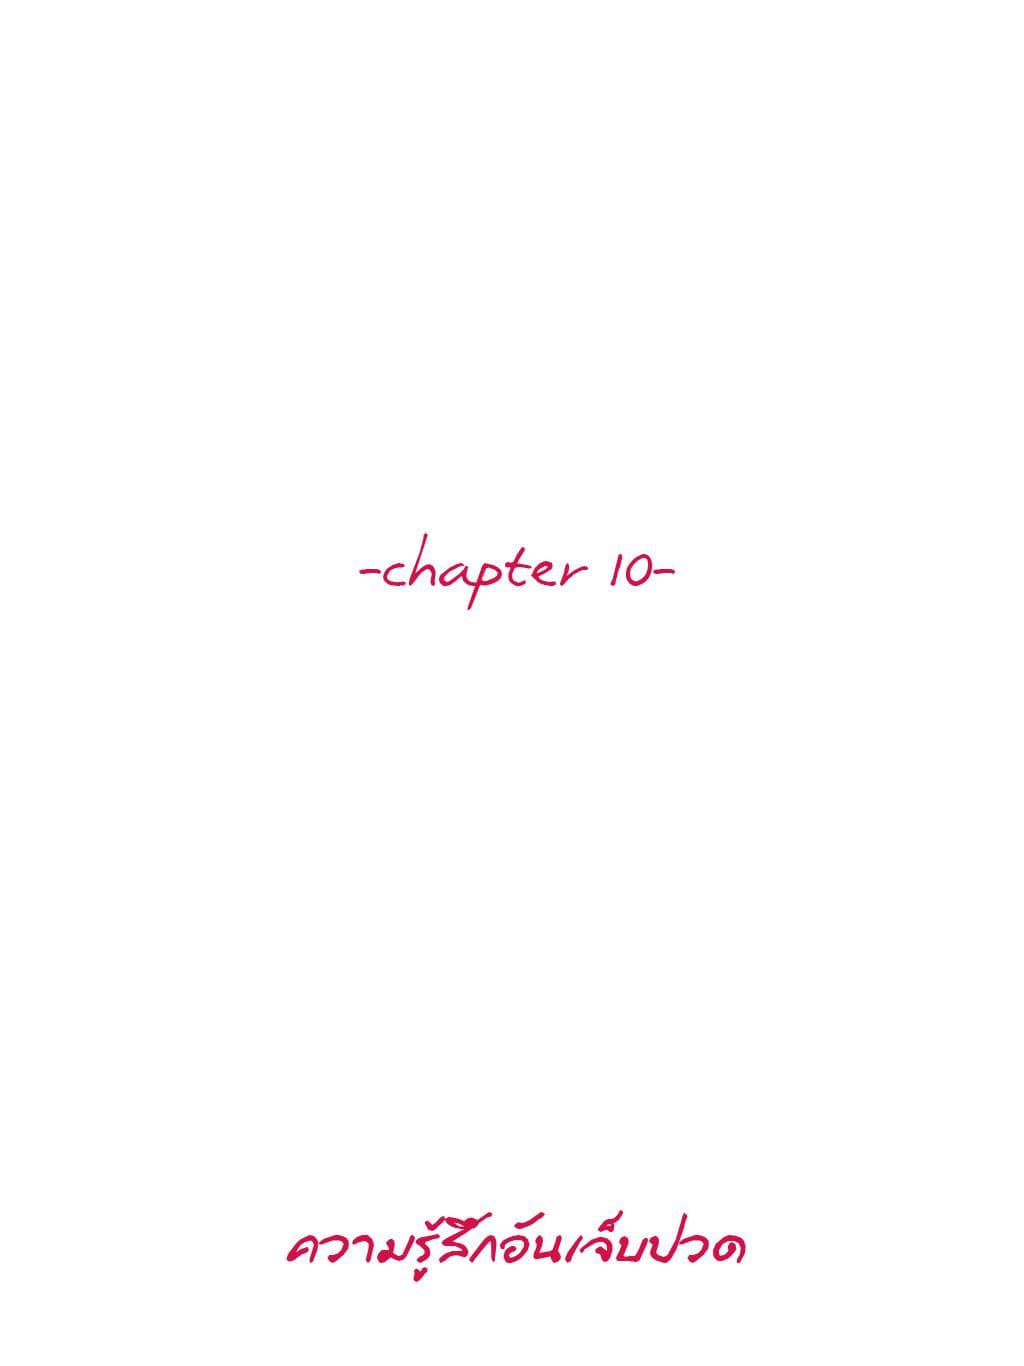 chapter 10 - ความรู้สึกอันเจ็บปวด